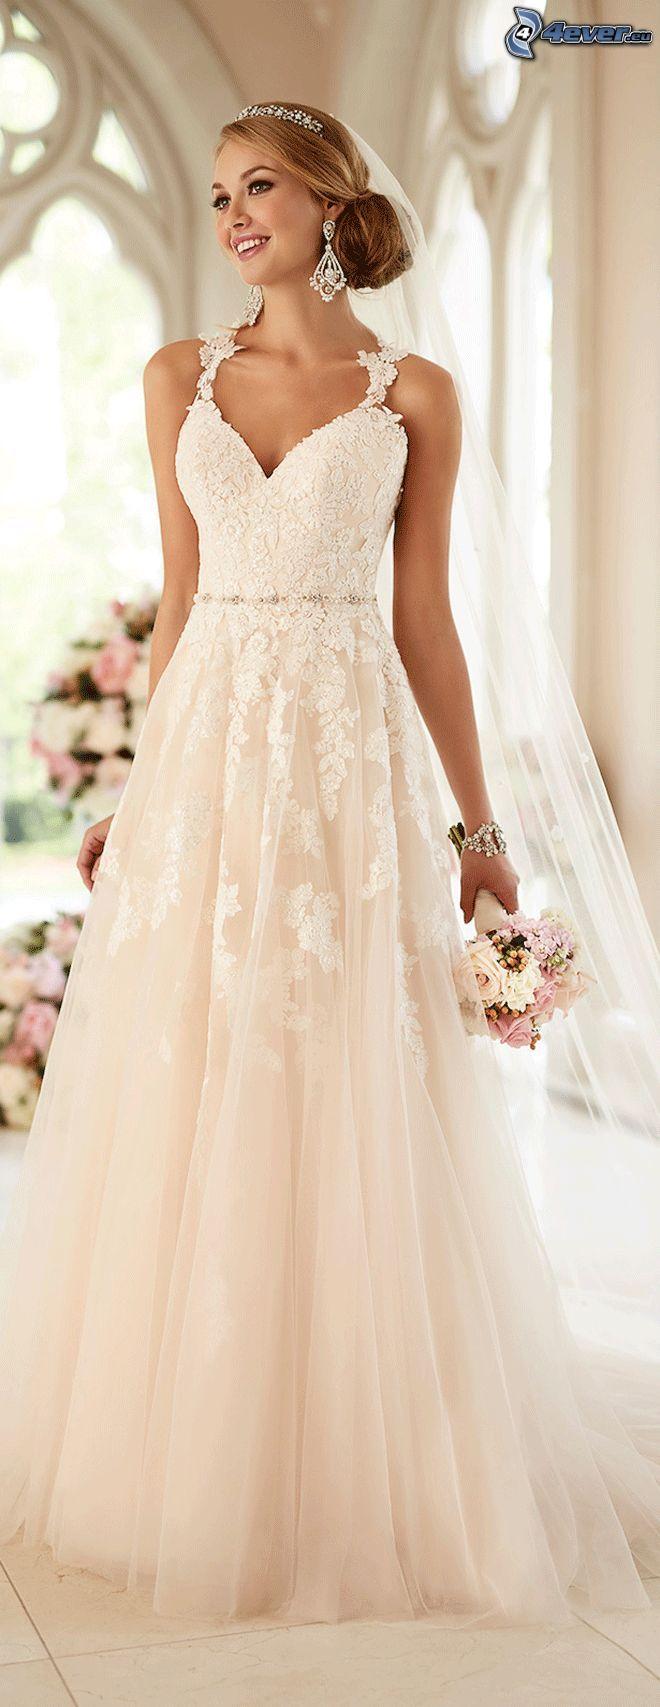 vestido de novia, novia, ramo de la boda, sonrisa